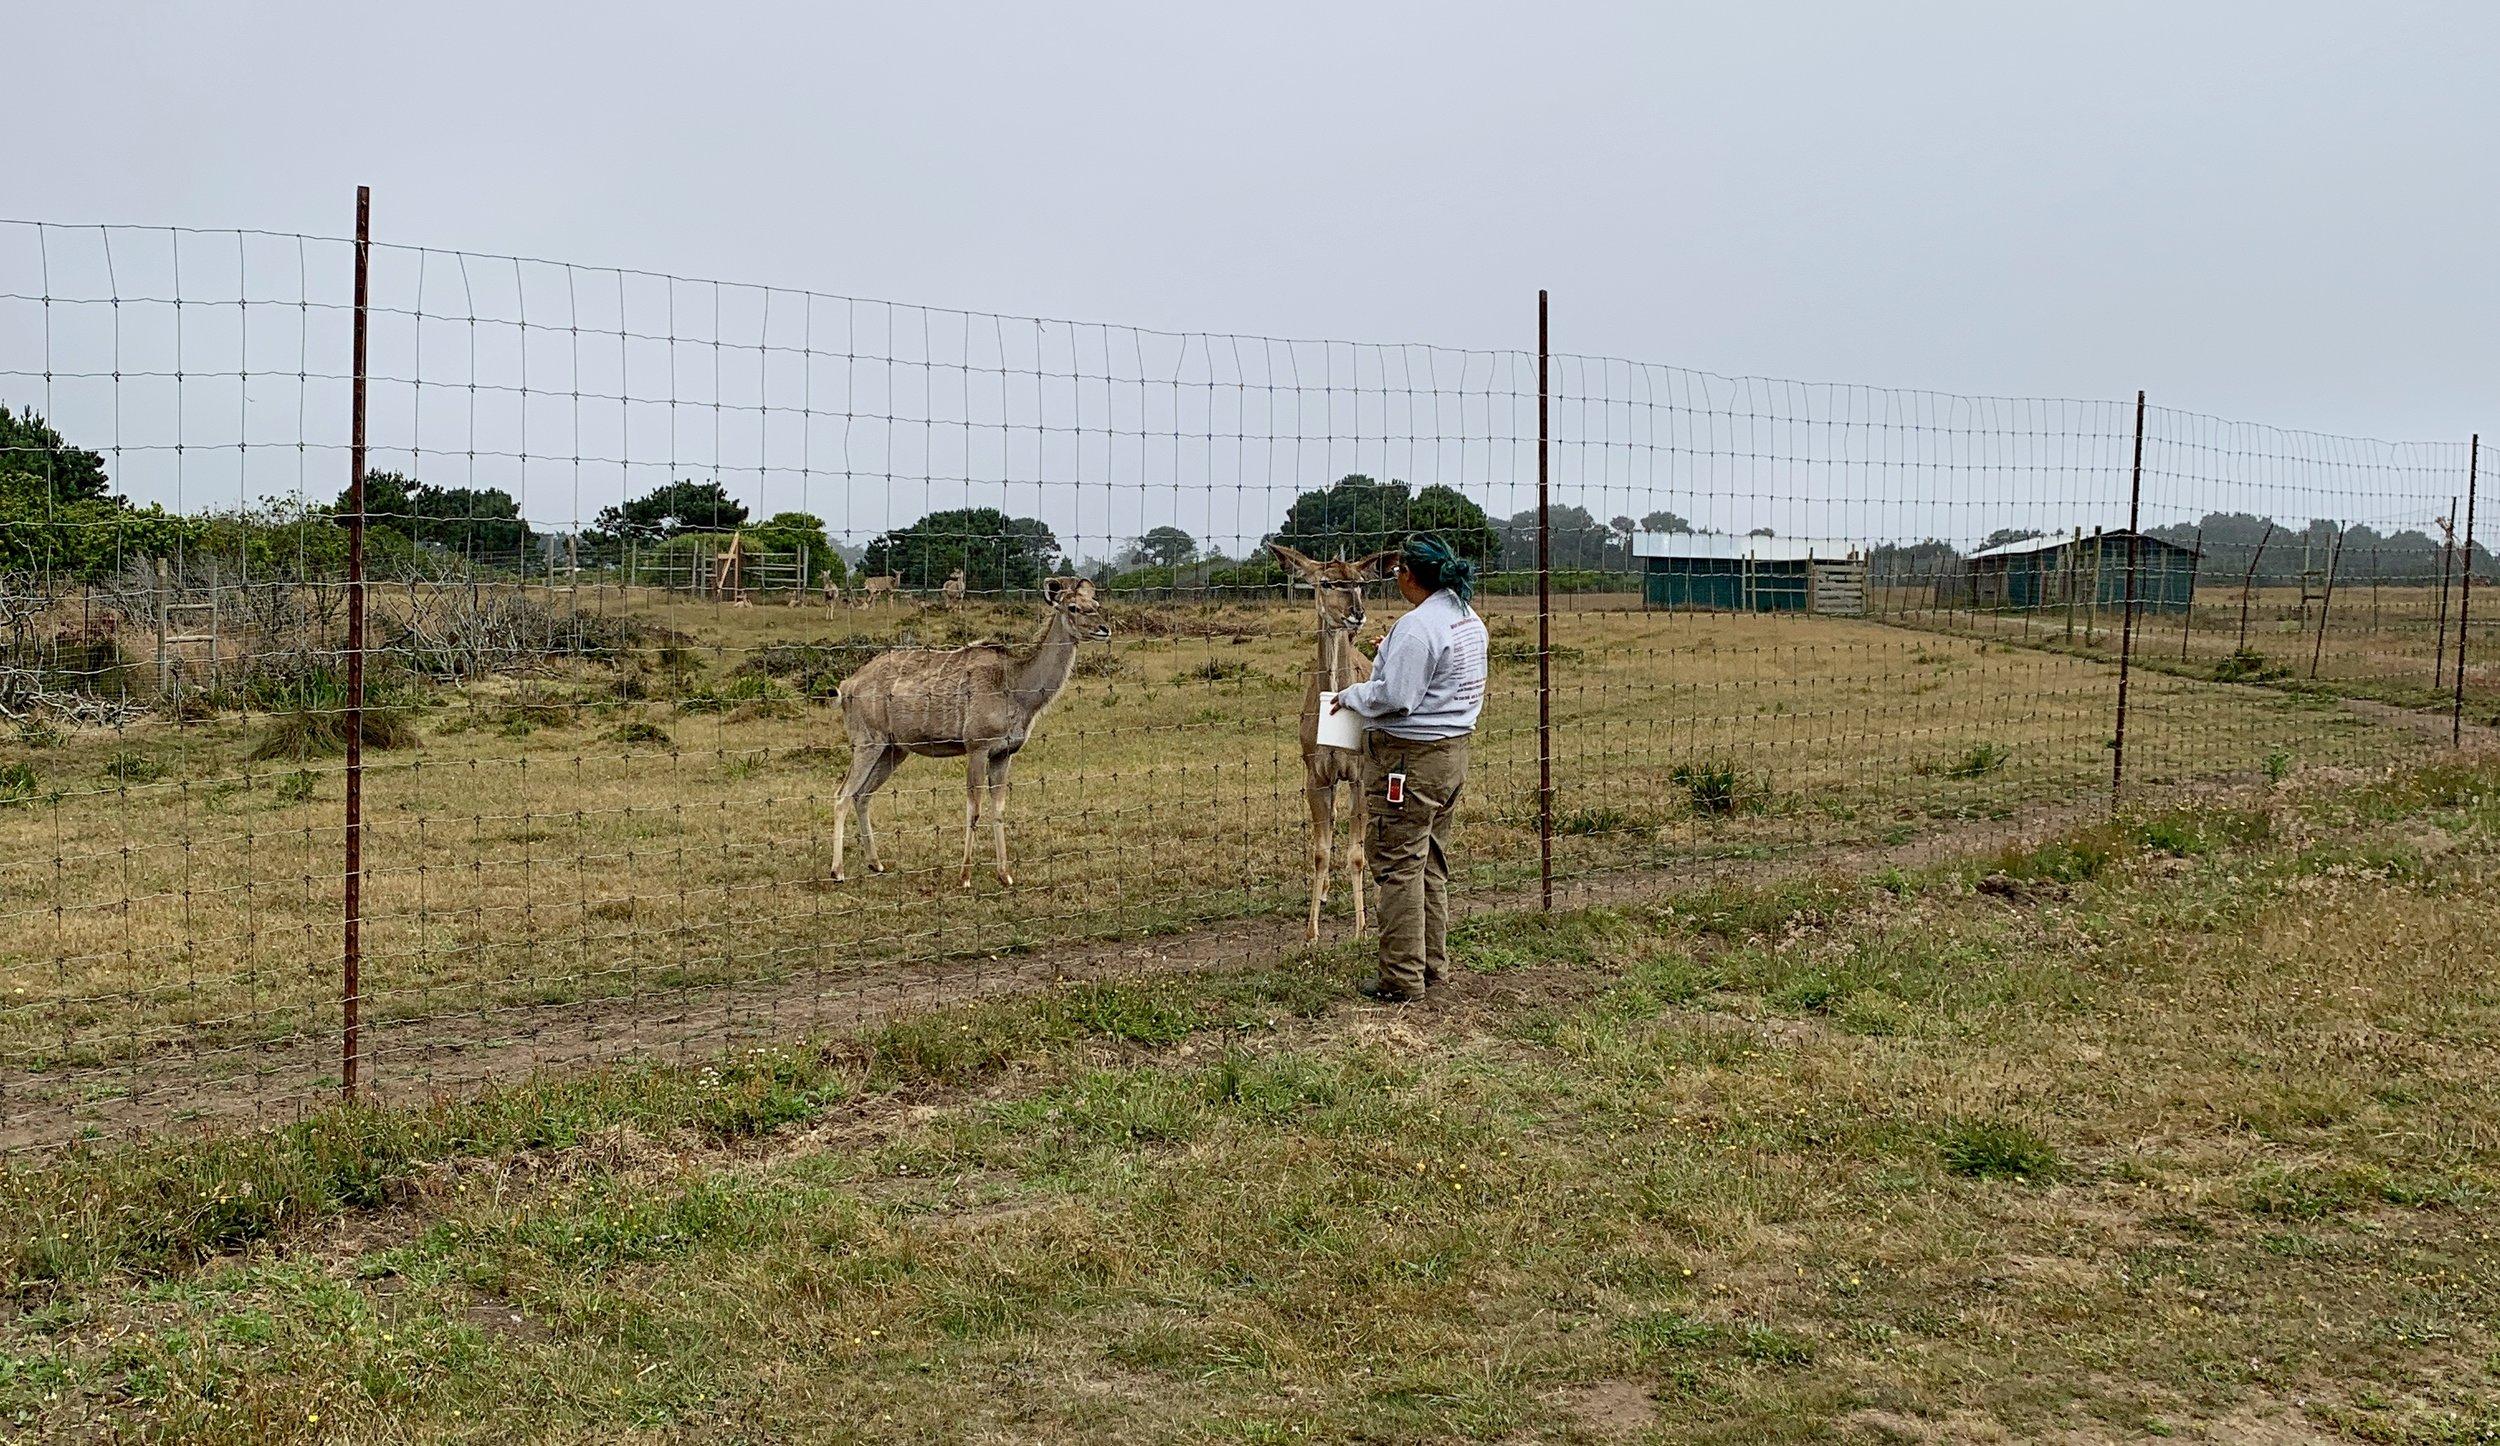 Beautifully shy kudu